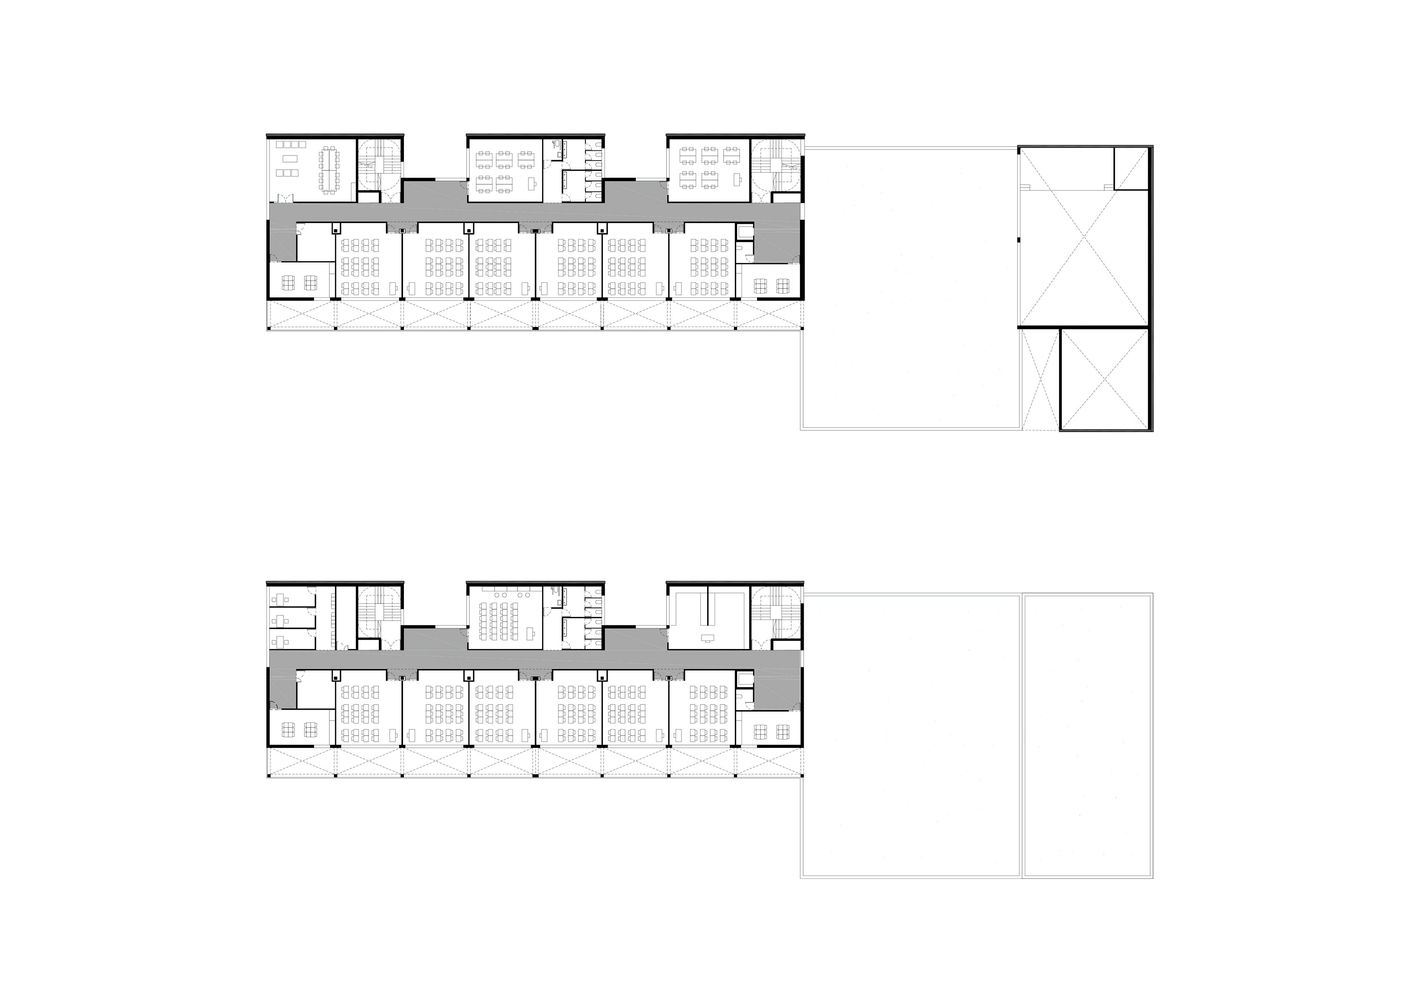 Primary School Puig De Les Cadiretes Valor Llimos Upper Floor Plan